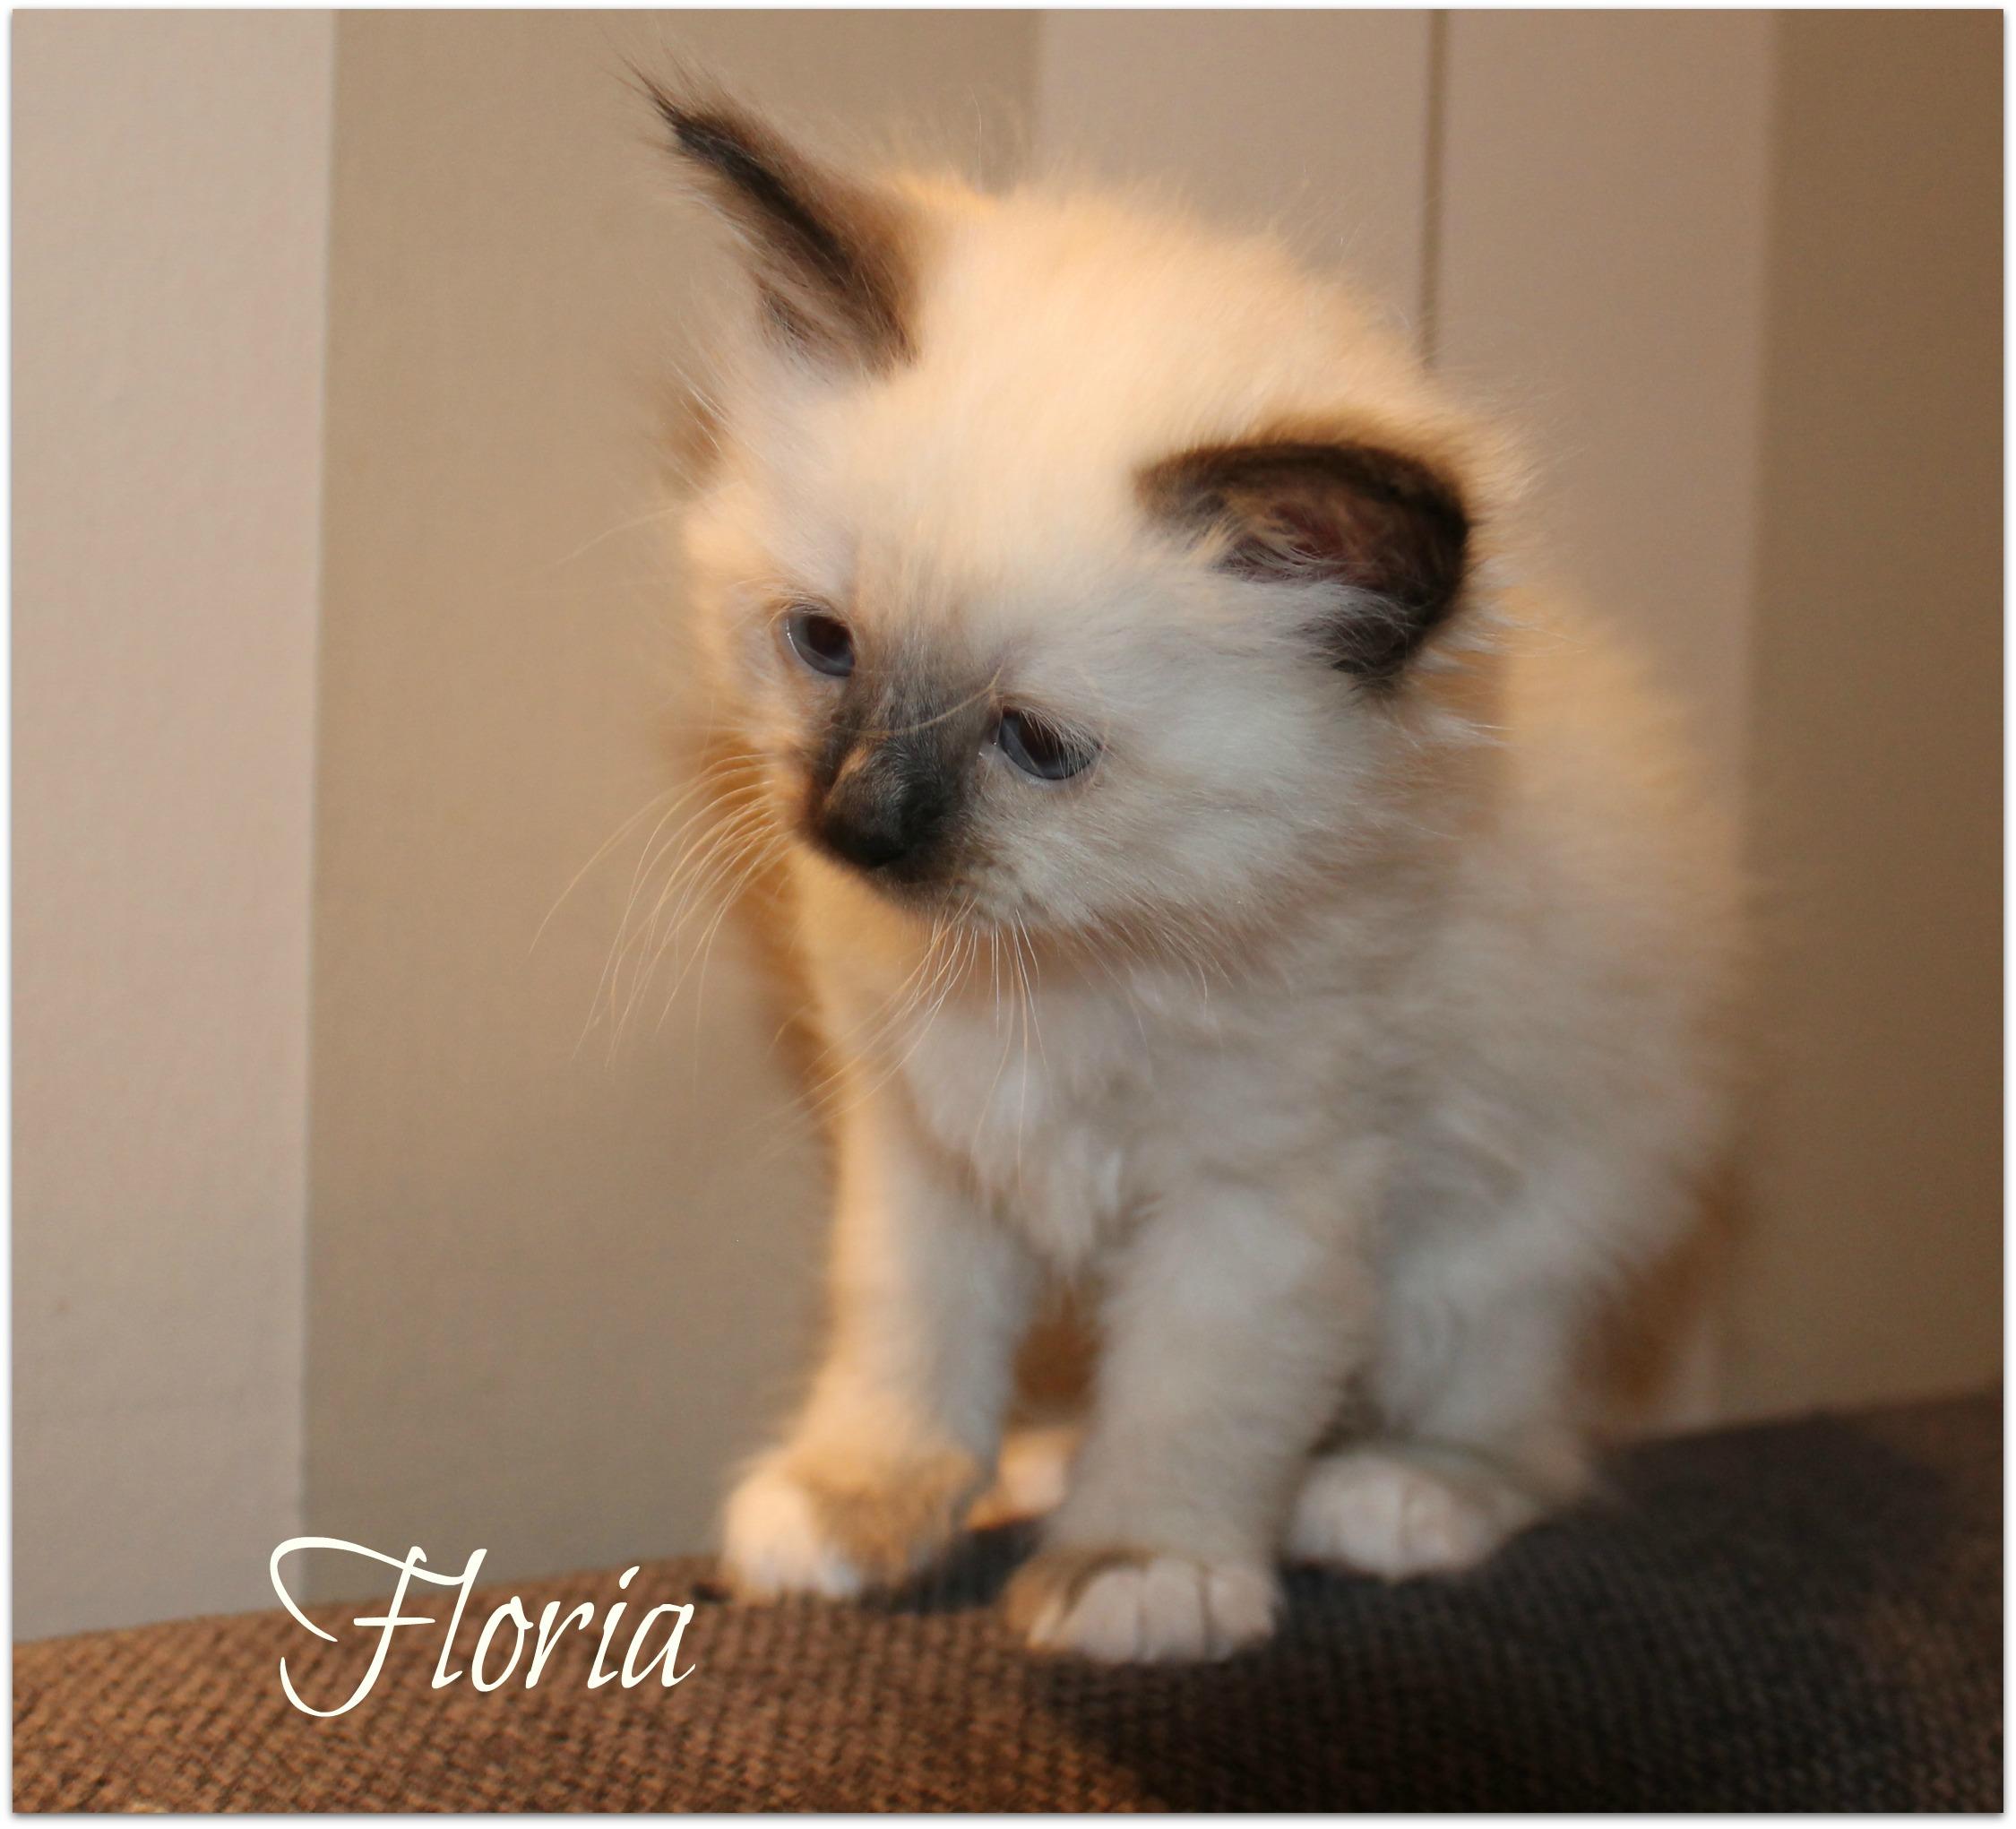 floria_0